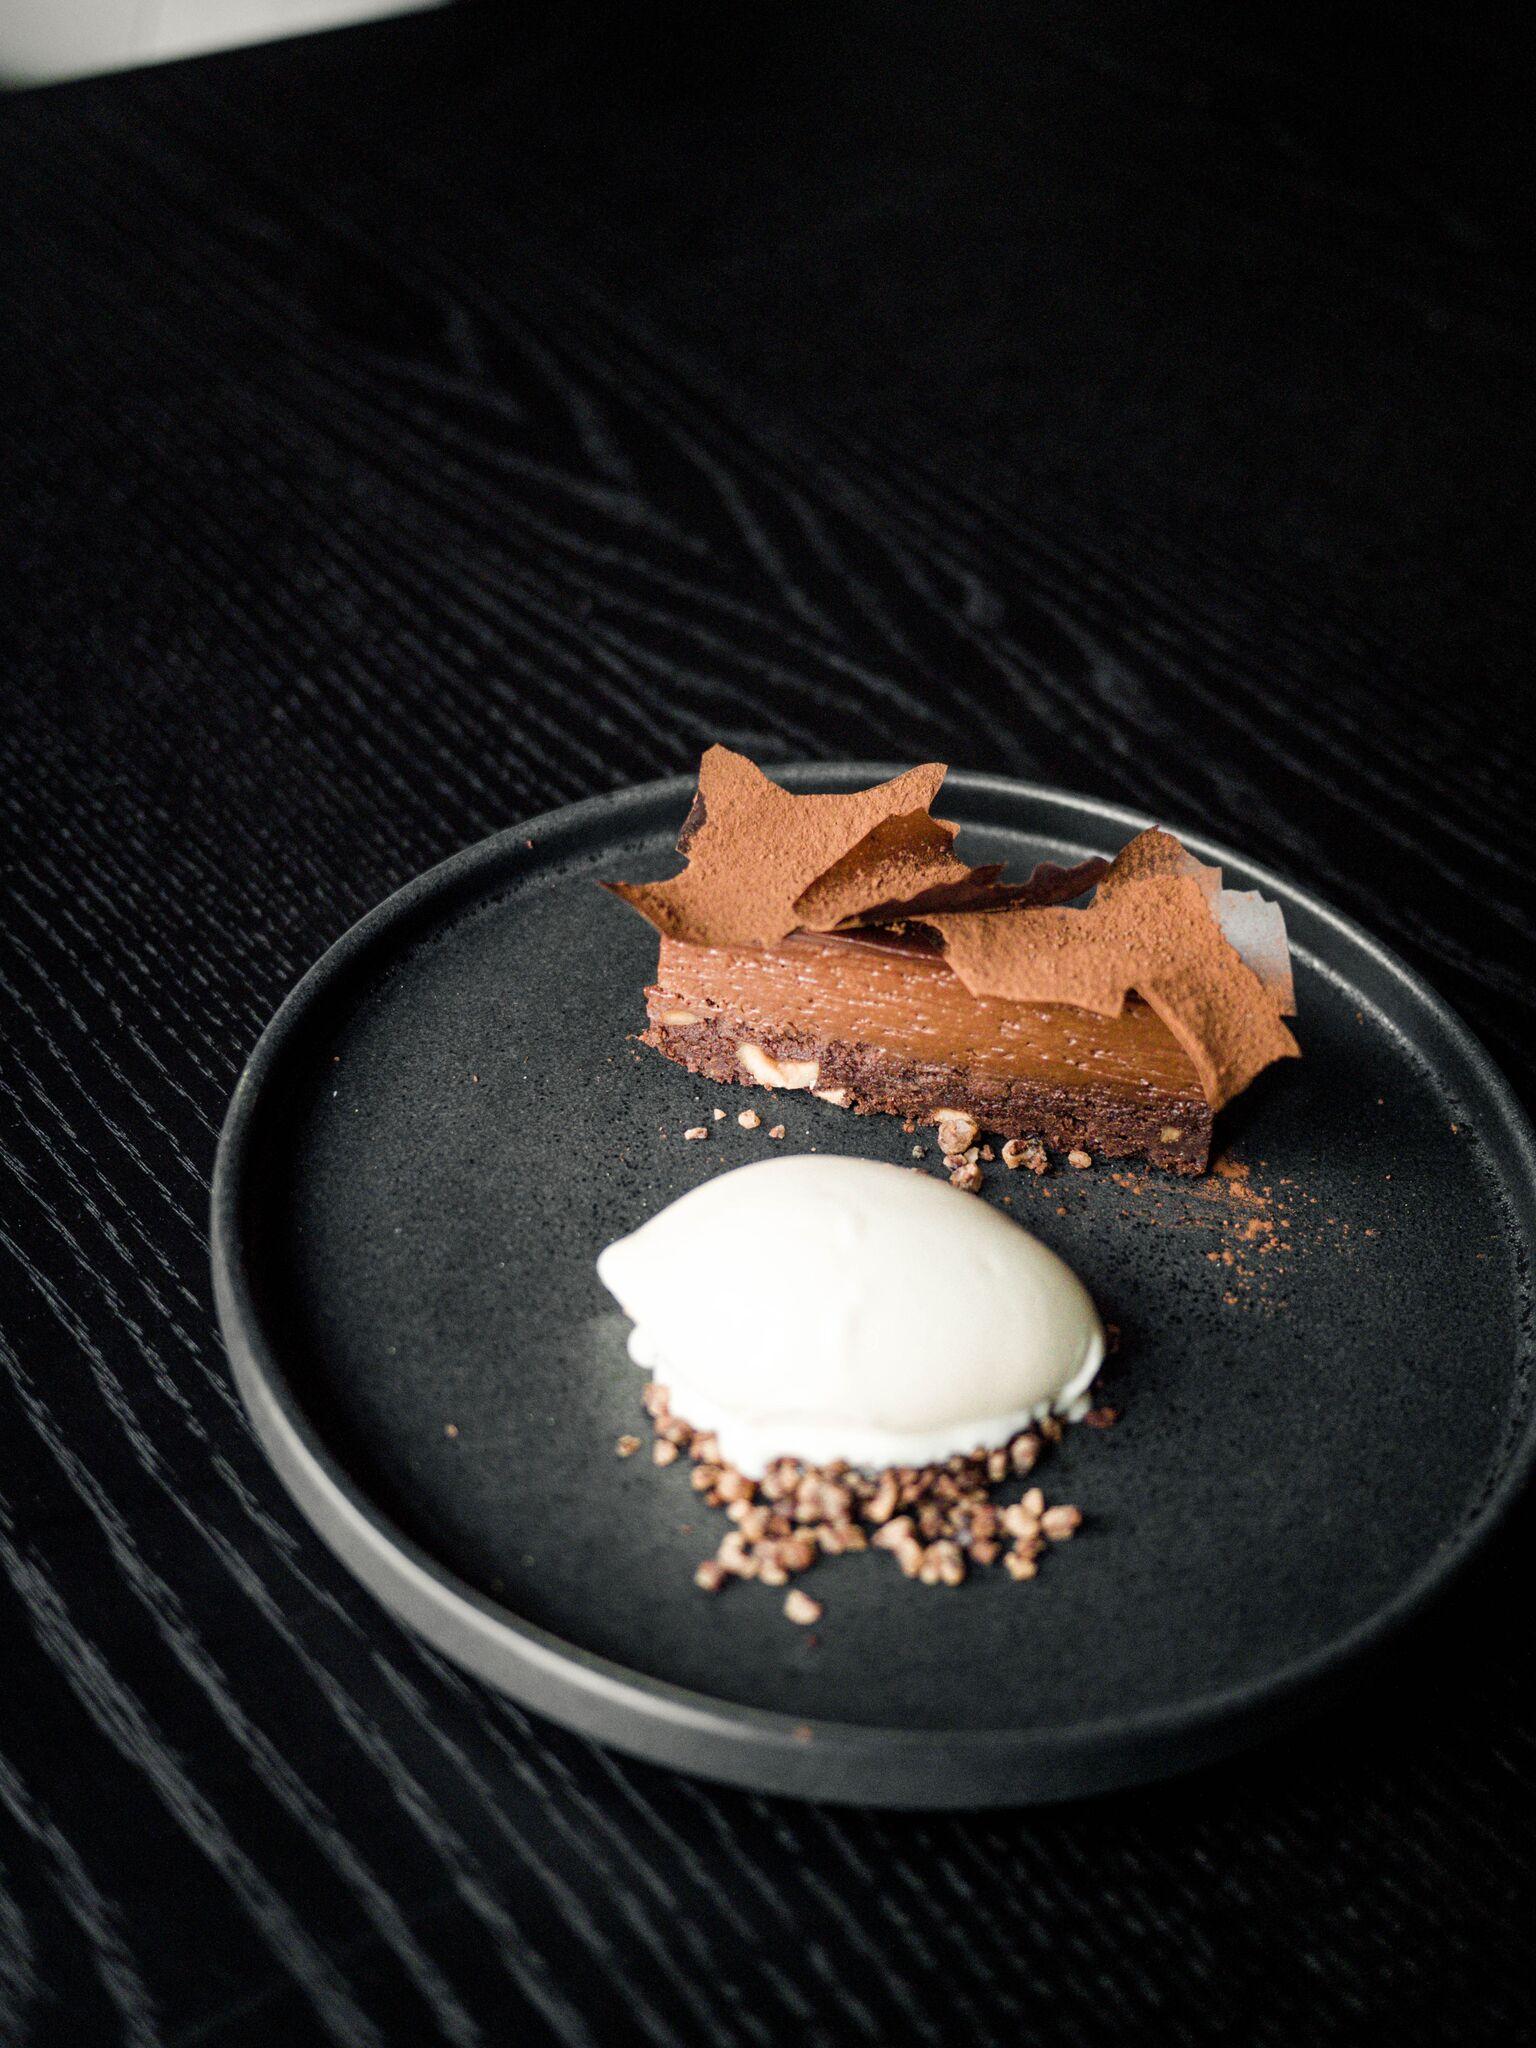 """....  Šokolaadi tarte 6€   hapukoore jäätis, armanjakised ploomid   Kõige tavalisem magustoitudest. Selline """"ah ei midagi uut"""". Aga kui šokolaadikook on see, mida parasjagu ihaldad, siis ega pettuma ei pea.  ..  Chocolate tarte 6€  The most classic of the desserts. Like """"nothing new"""". Although, if you really like chocolate cake, you will not be disappointed!  ...."""